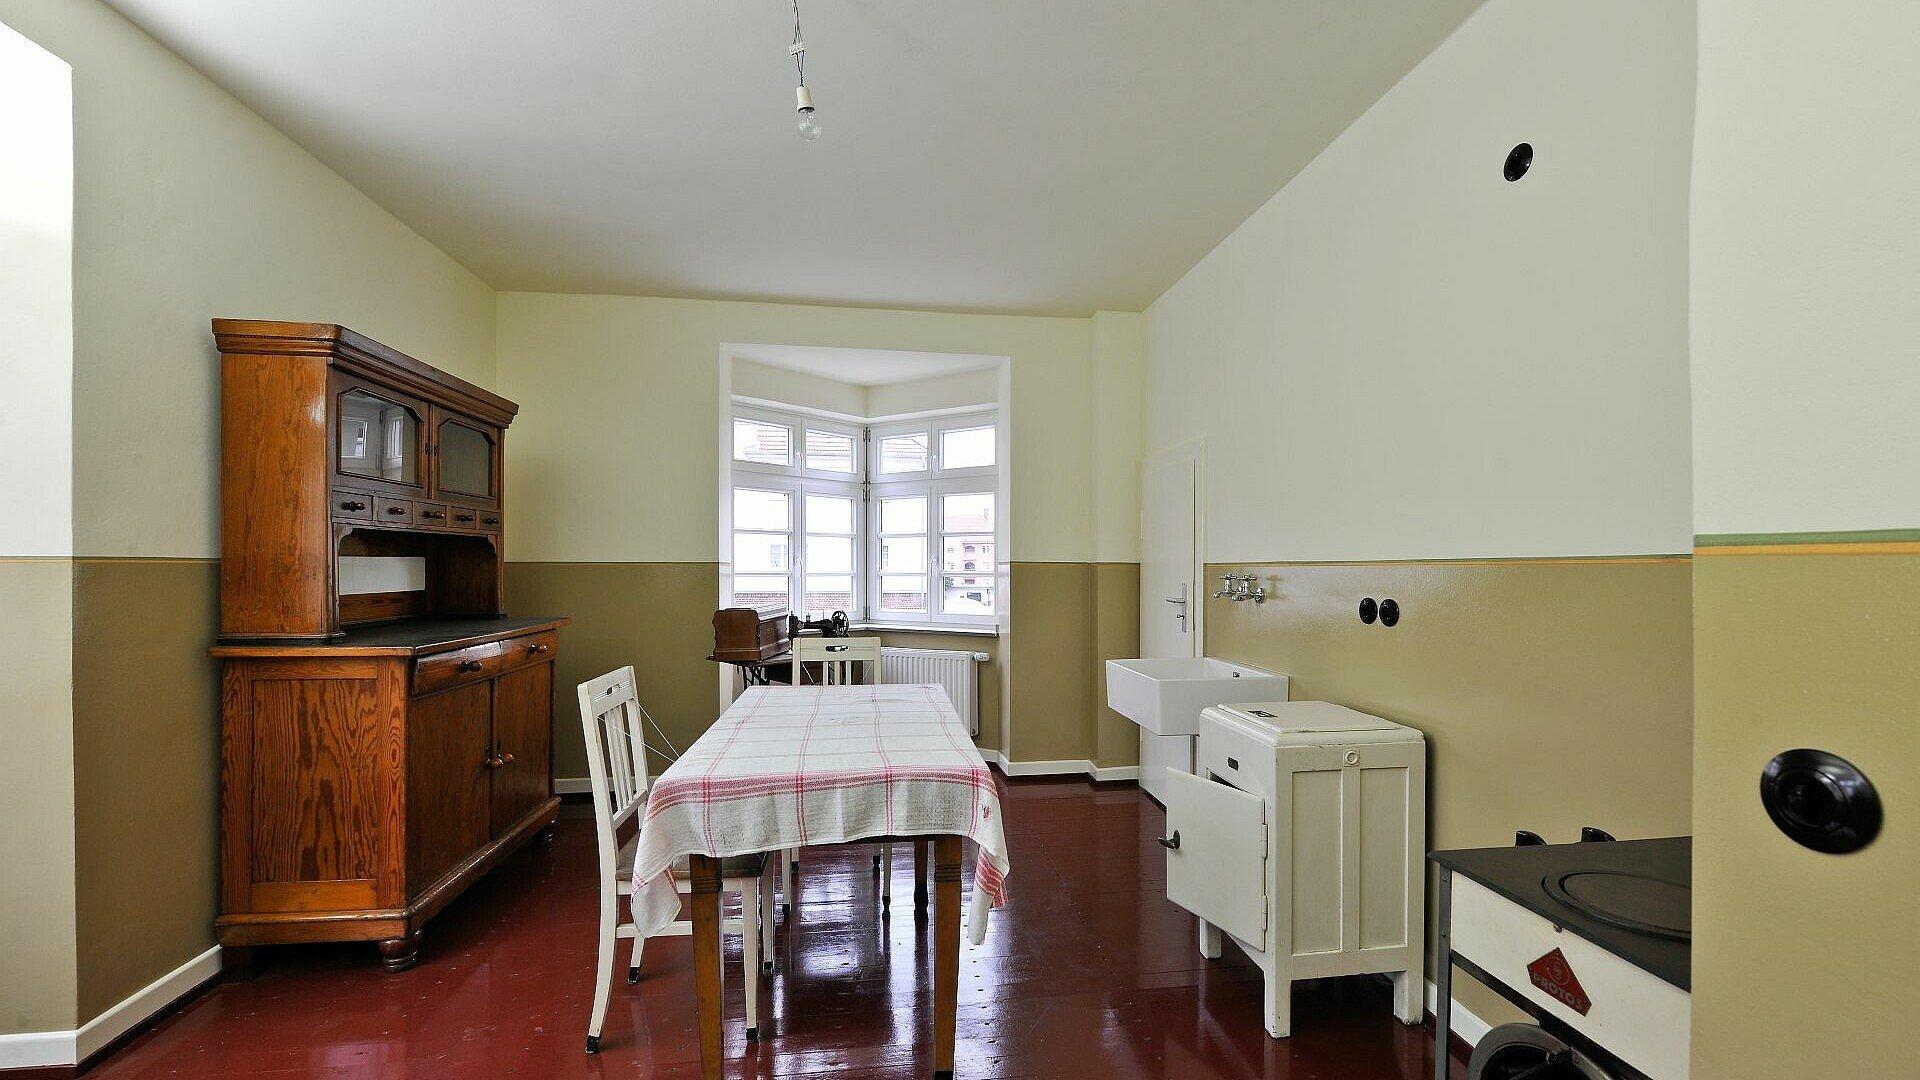 Historische Küche in der Kölner Museumswohnung in Höhenberg